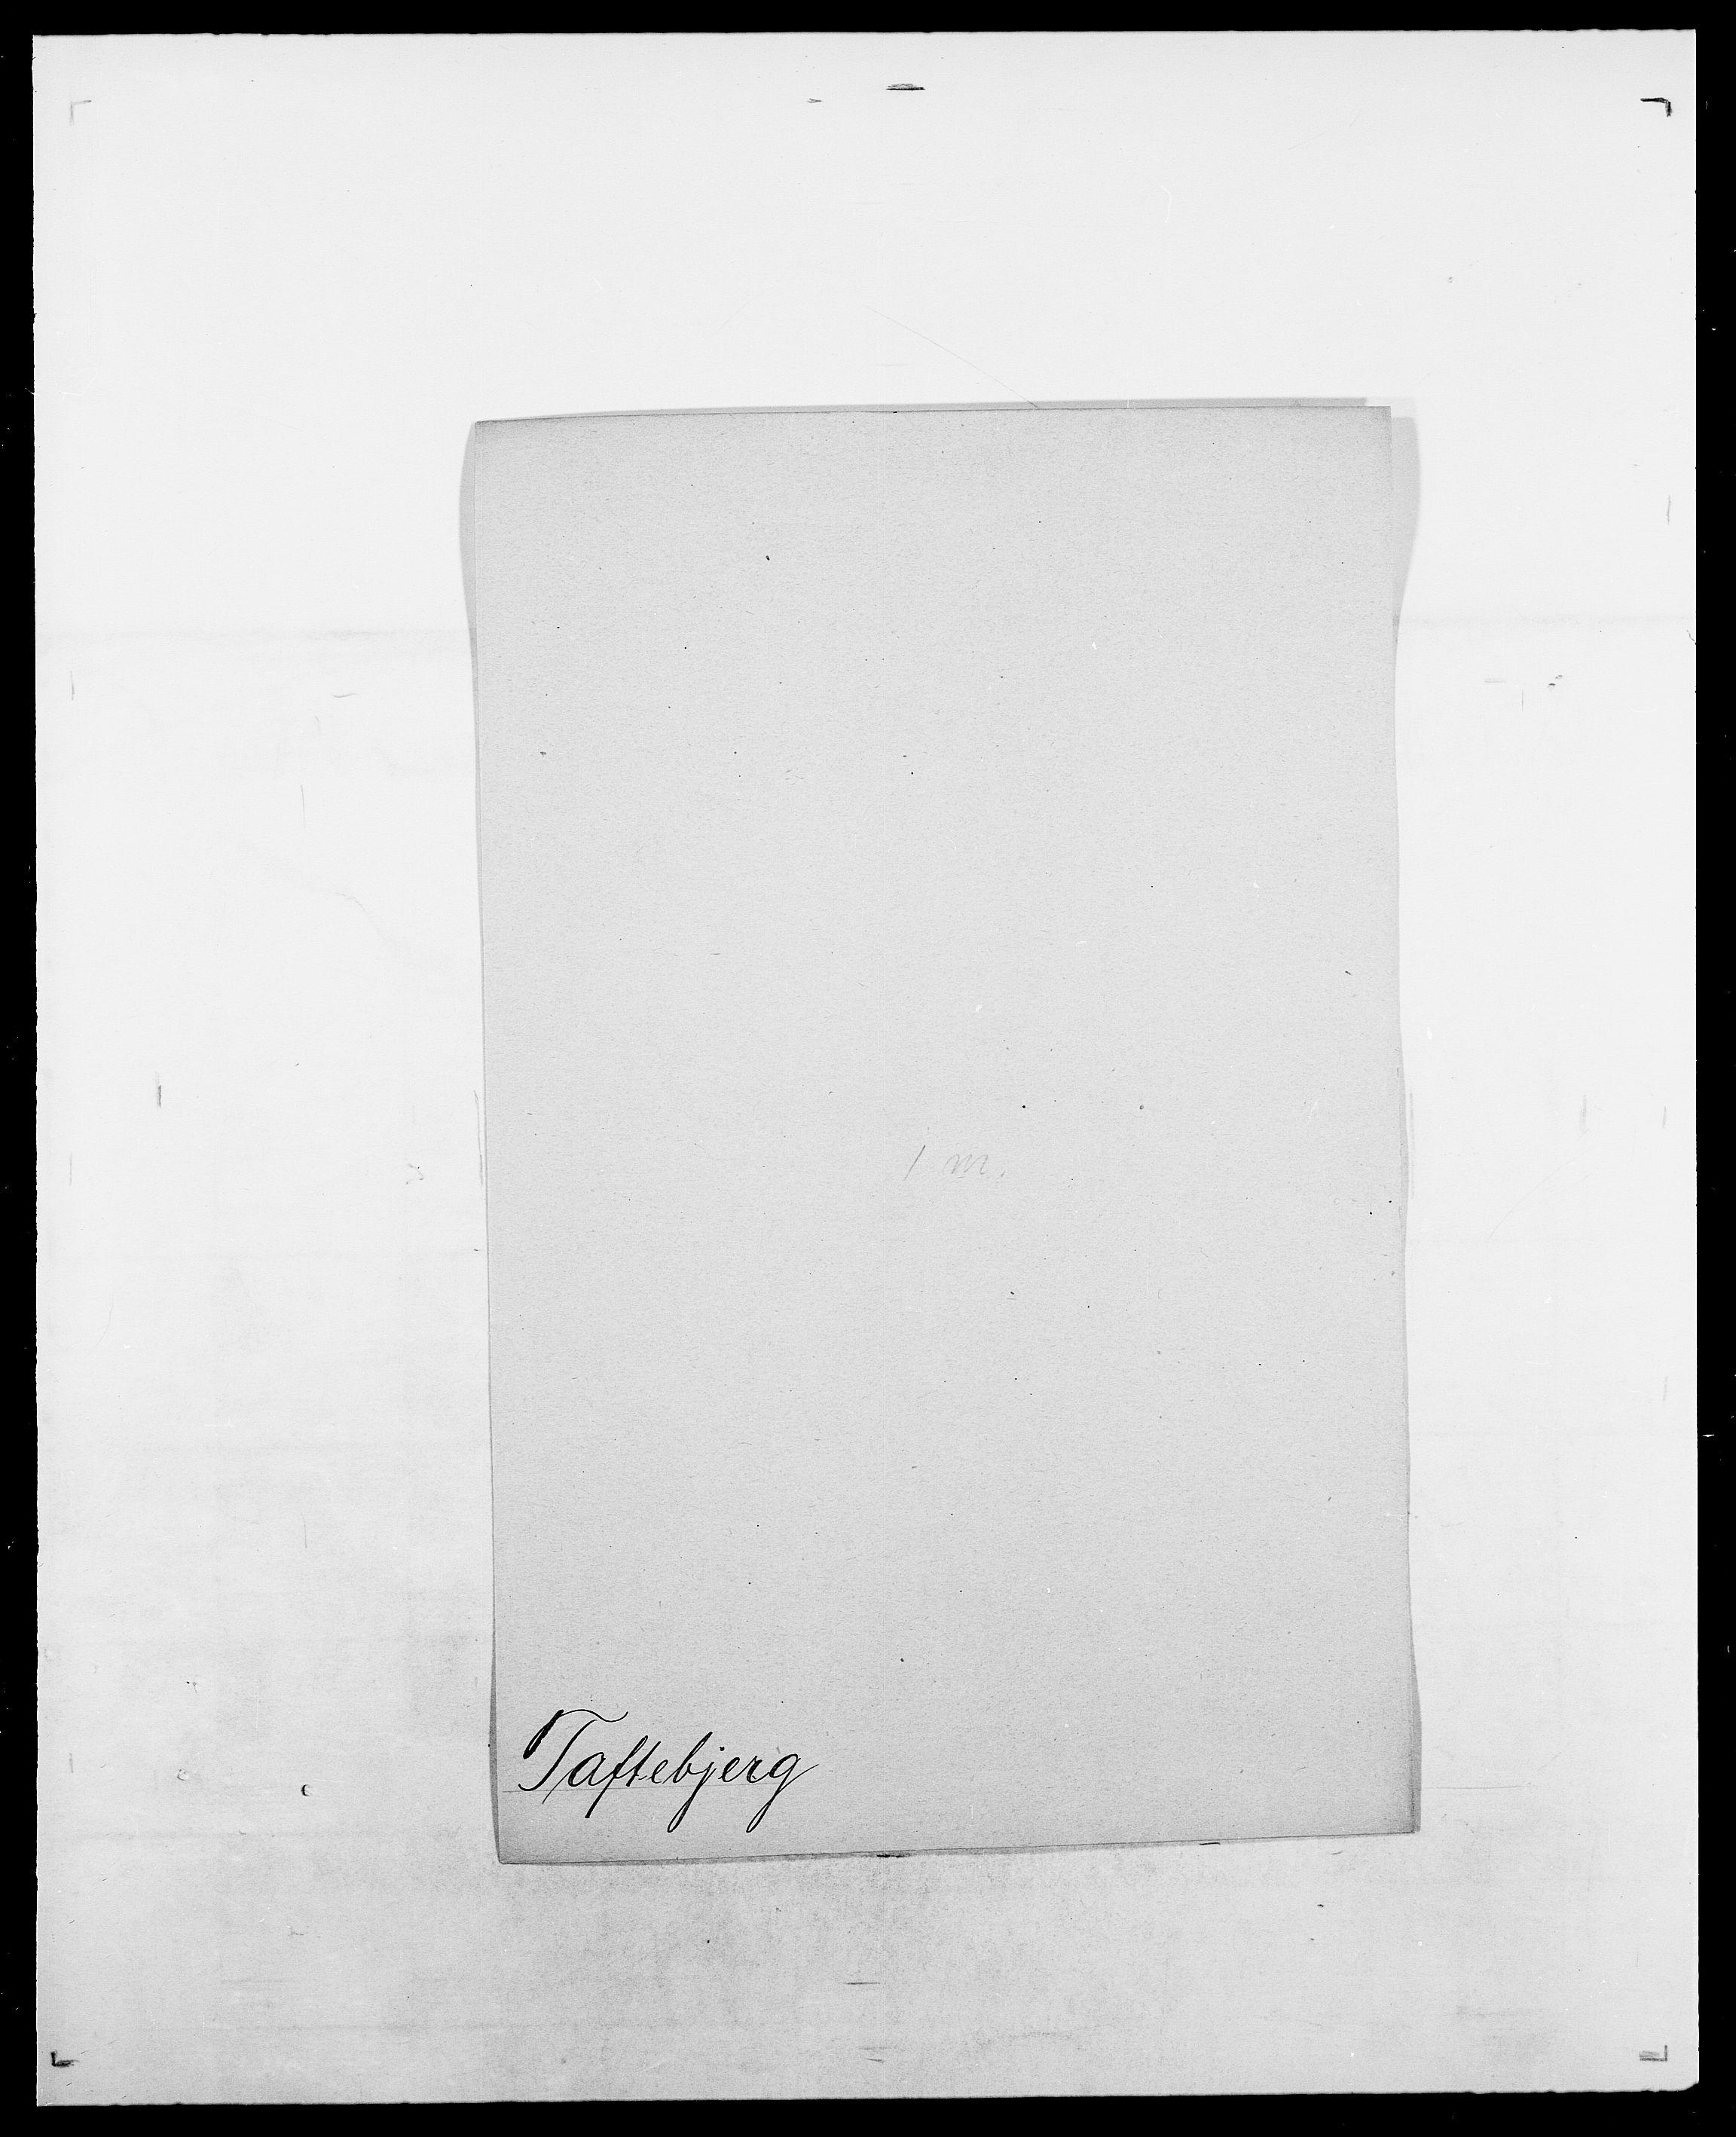 SAO, Delgobe, Charles Antoine - samling, D/Da/L0038: Svanenskjold - Thornsohn, s. 269